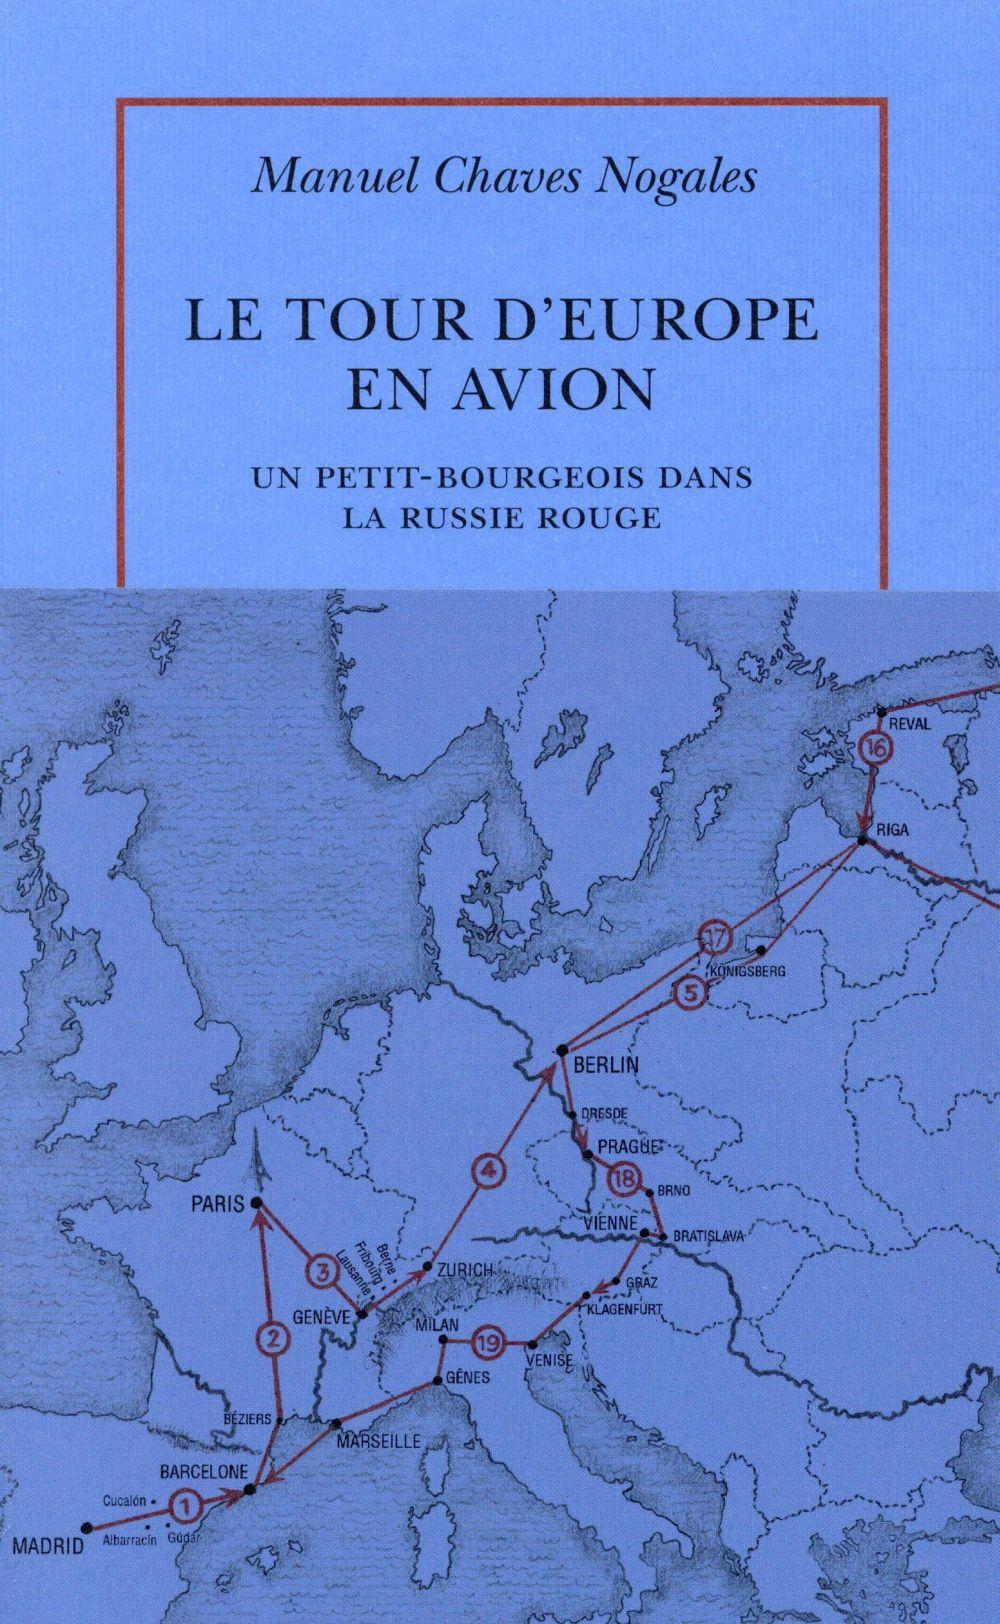 le tour d'Europe en avion ; un petit-bourgeois dans la russie rouge